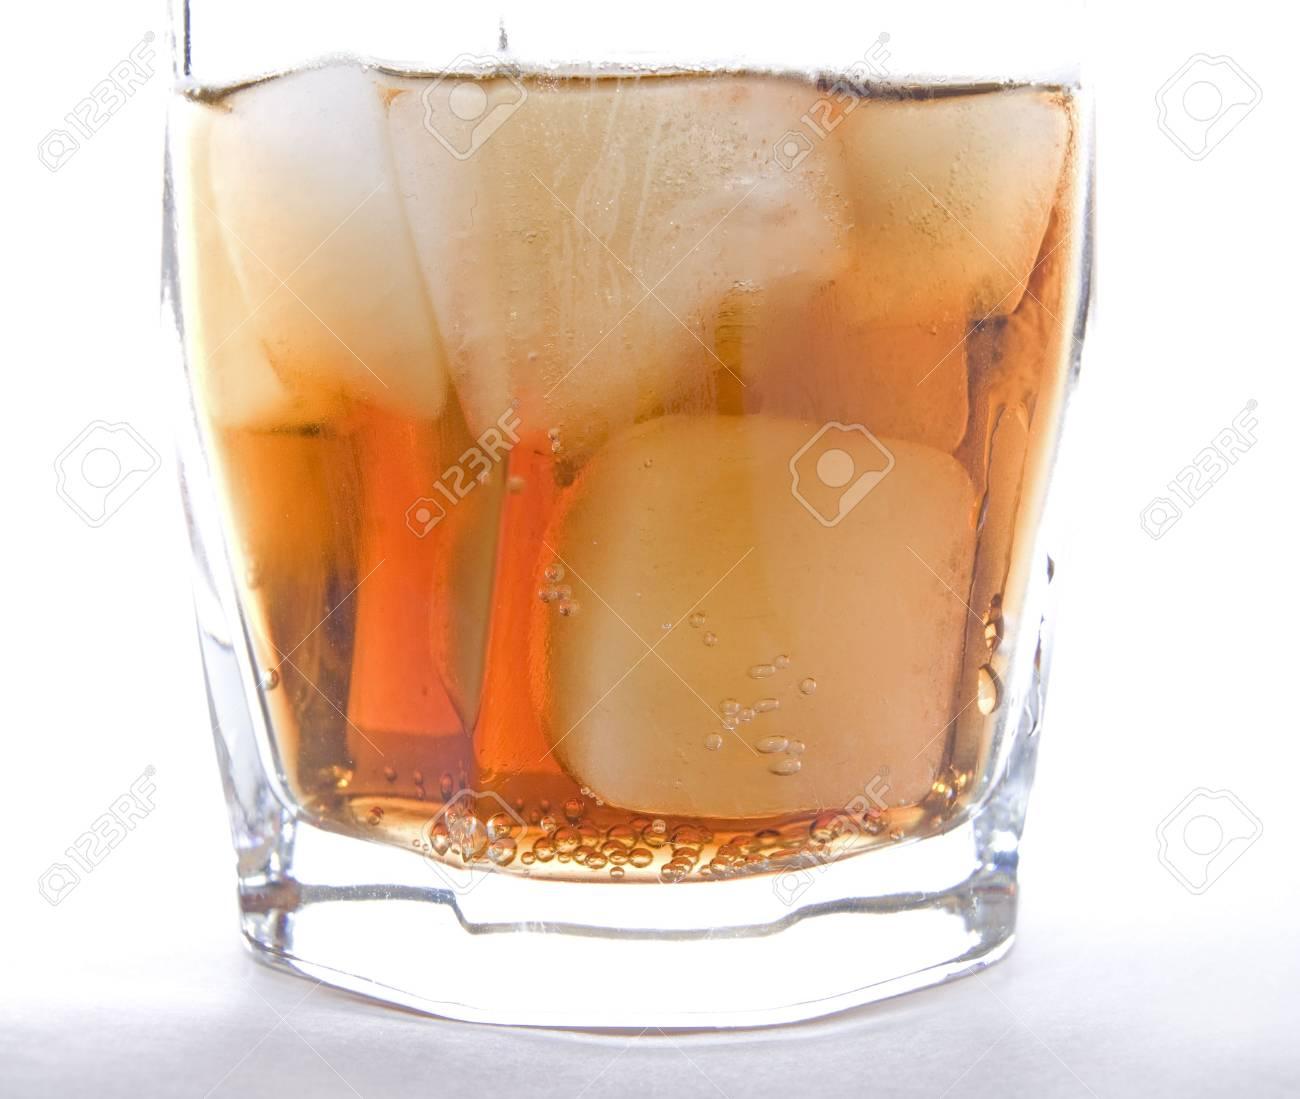 Kalte Getränke Mit Eiswürfeln Lizenzfreie Fotos, Bilder Und Stock ...